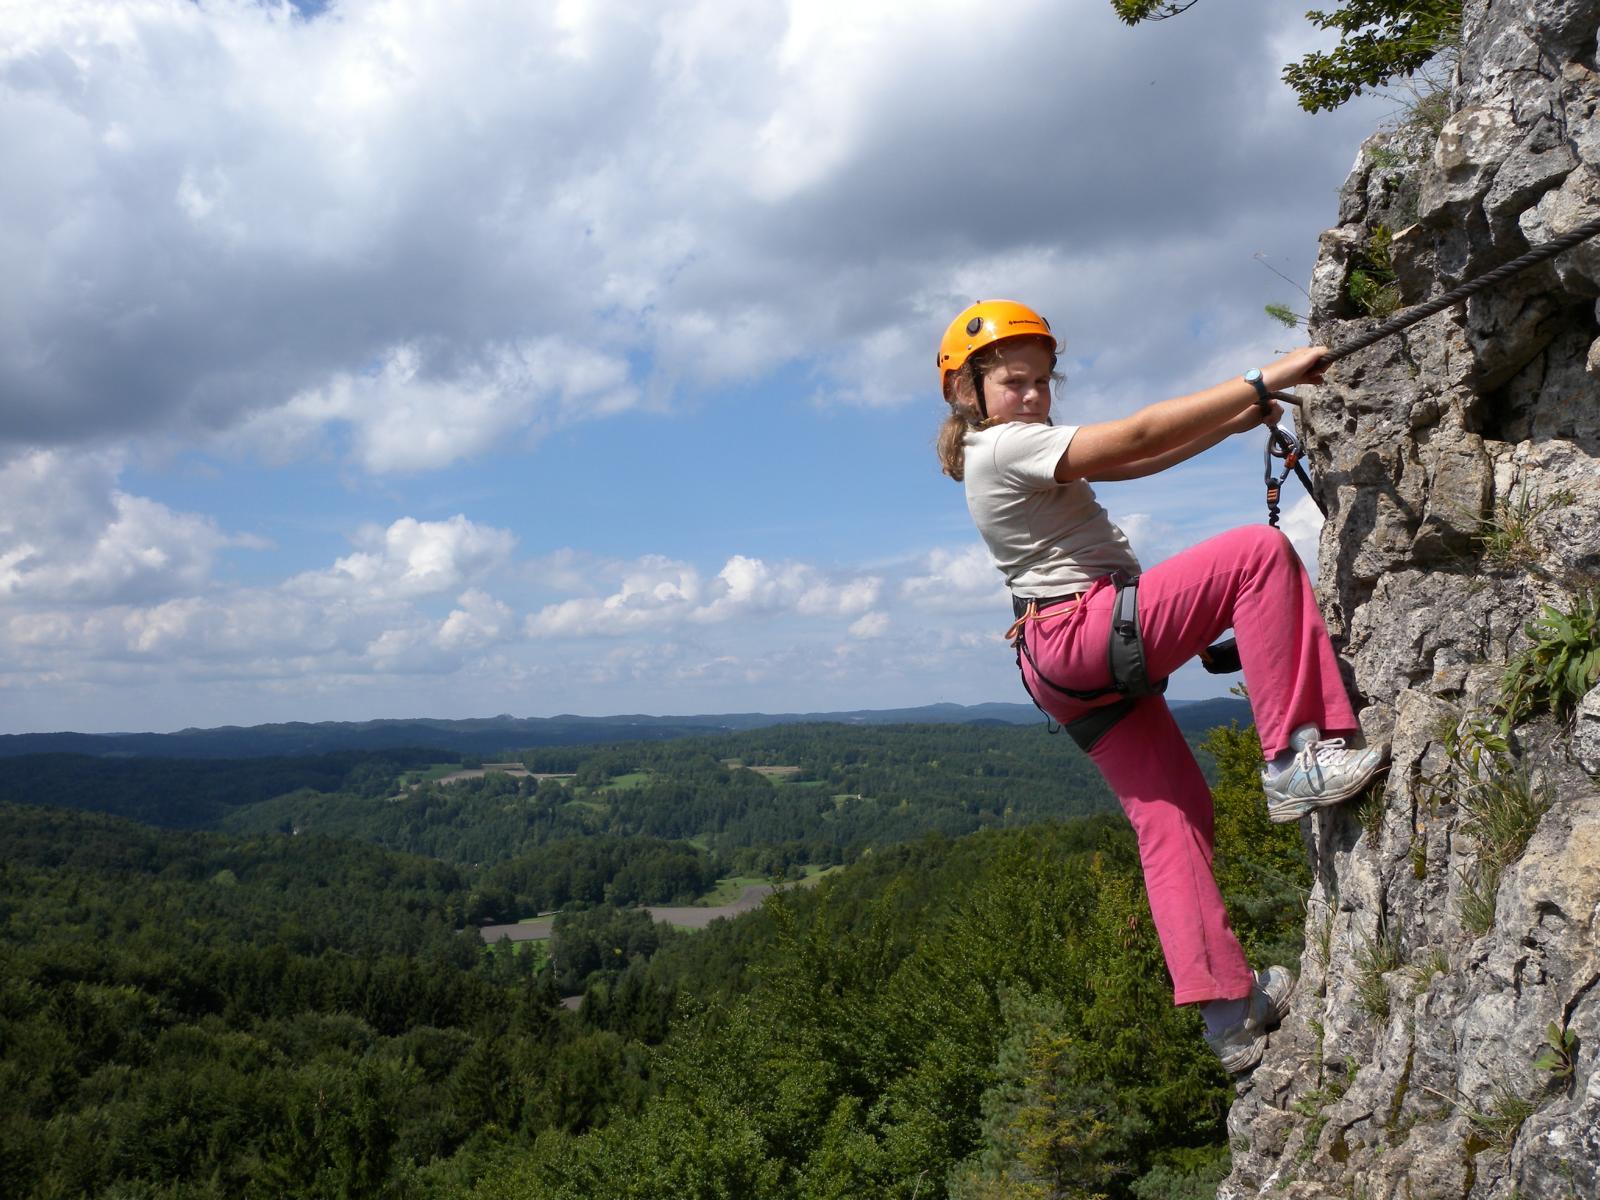 Klettersteig Jura : Klettersteige von leicht bis schwer planetoutdoor